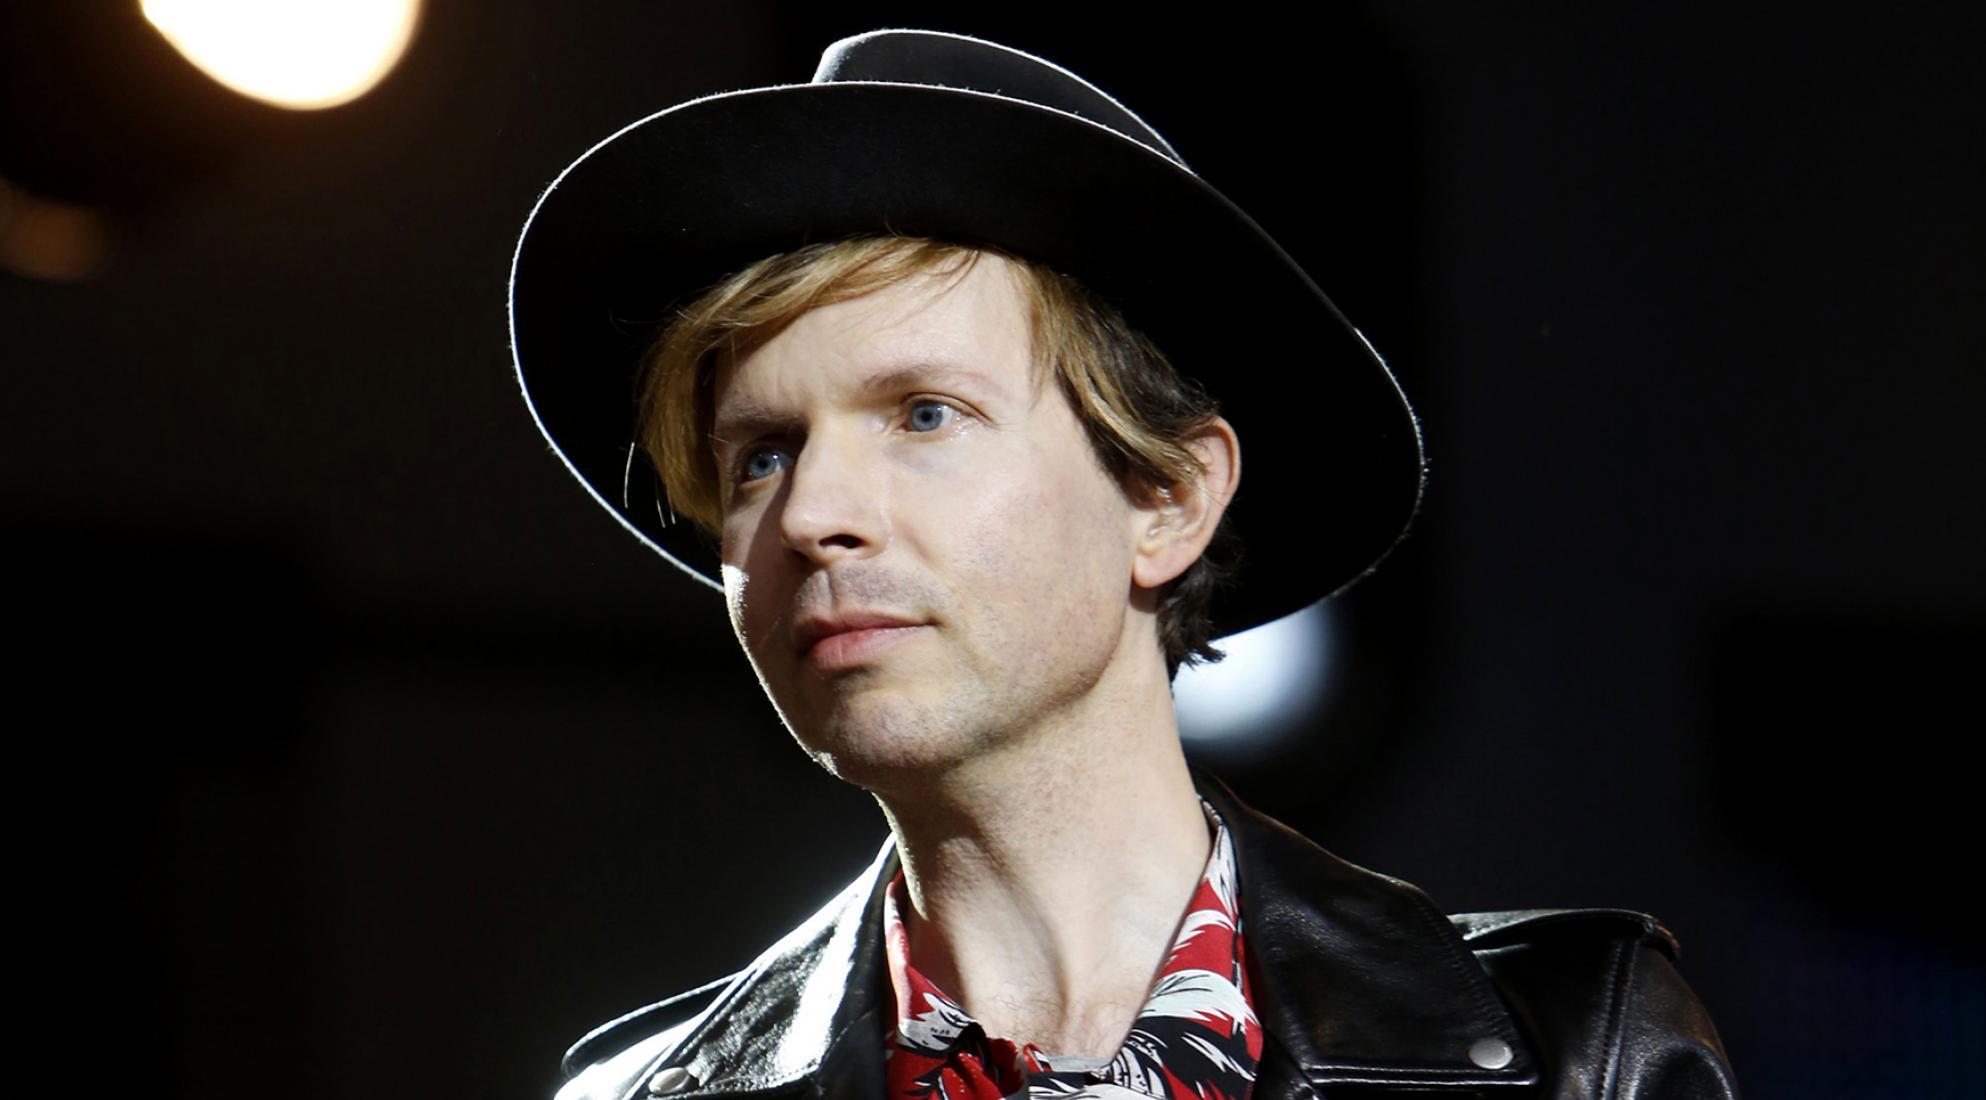 """Beck anuncia novo álbum """"Hyperspace"""" e lança novo single """"Saw Lightning"""""""